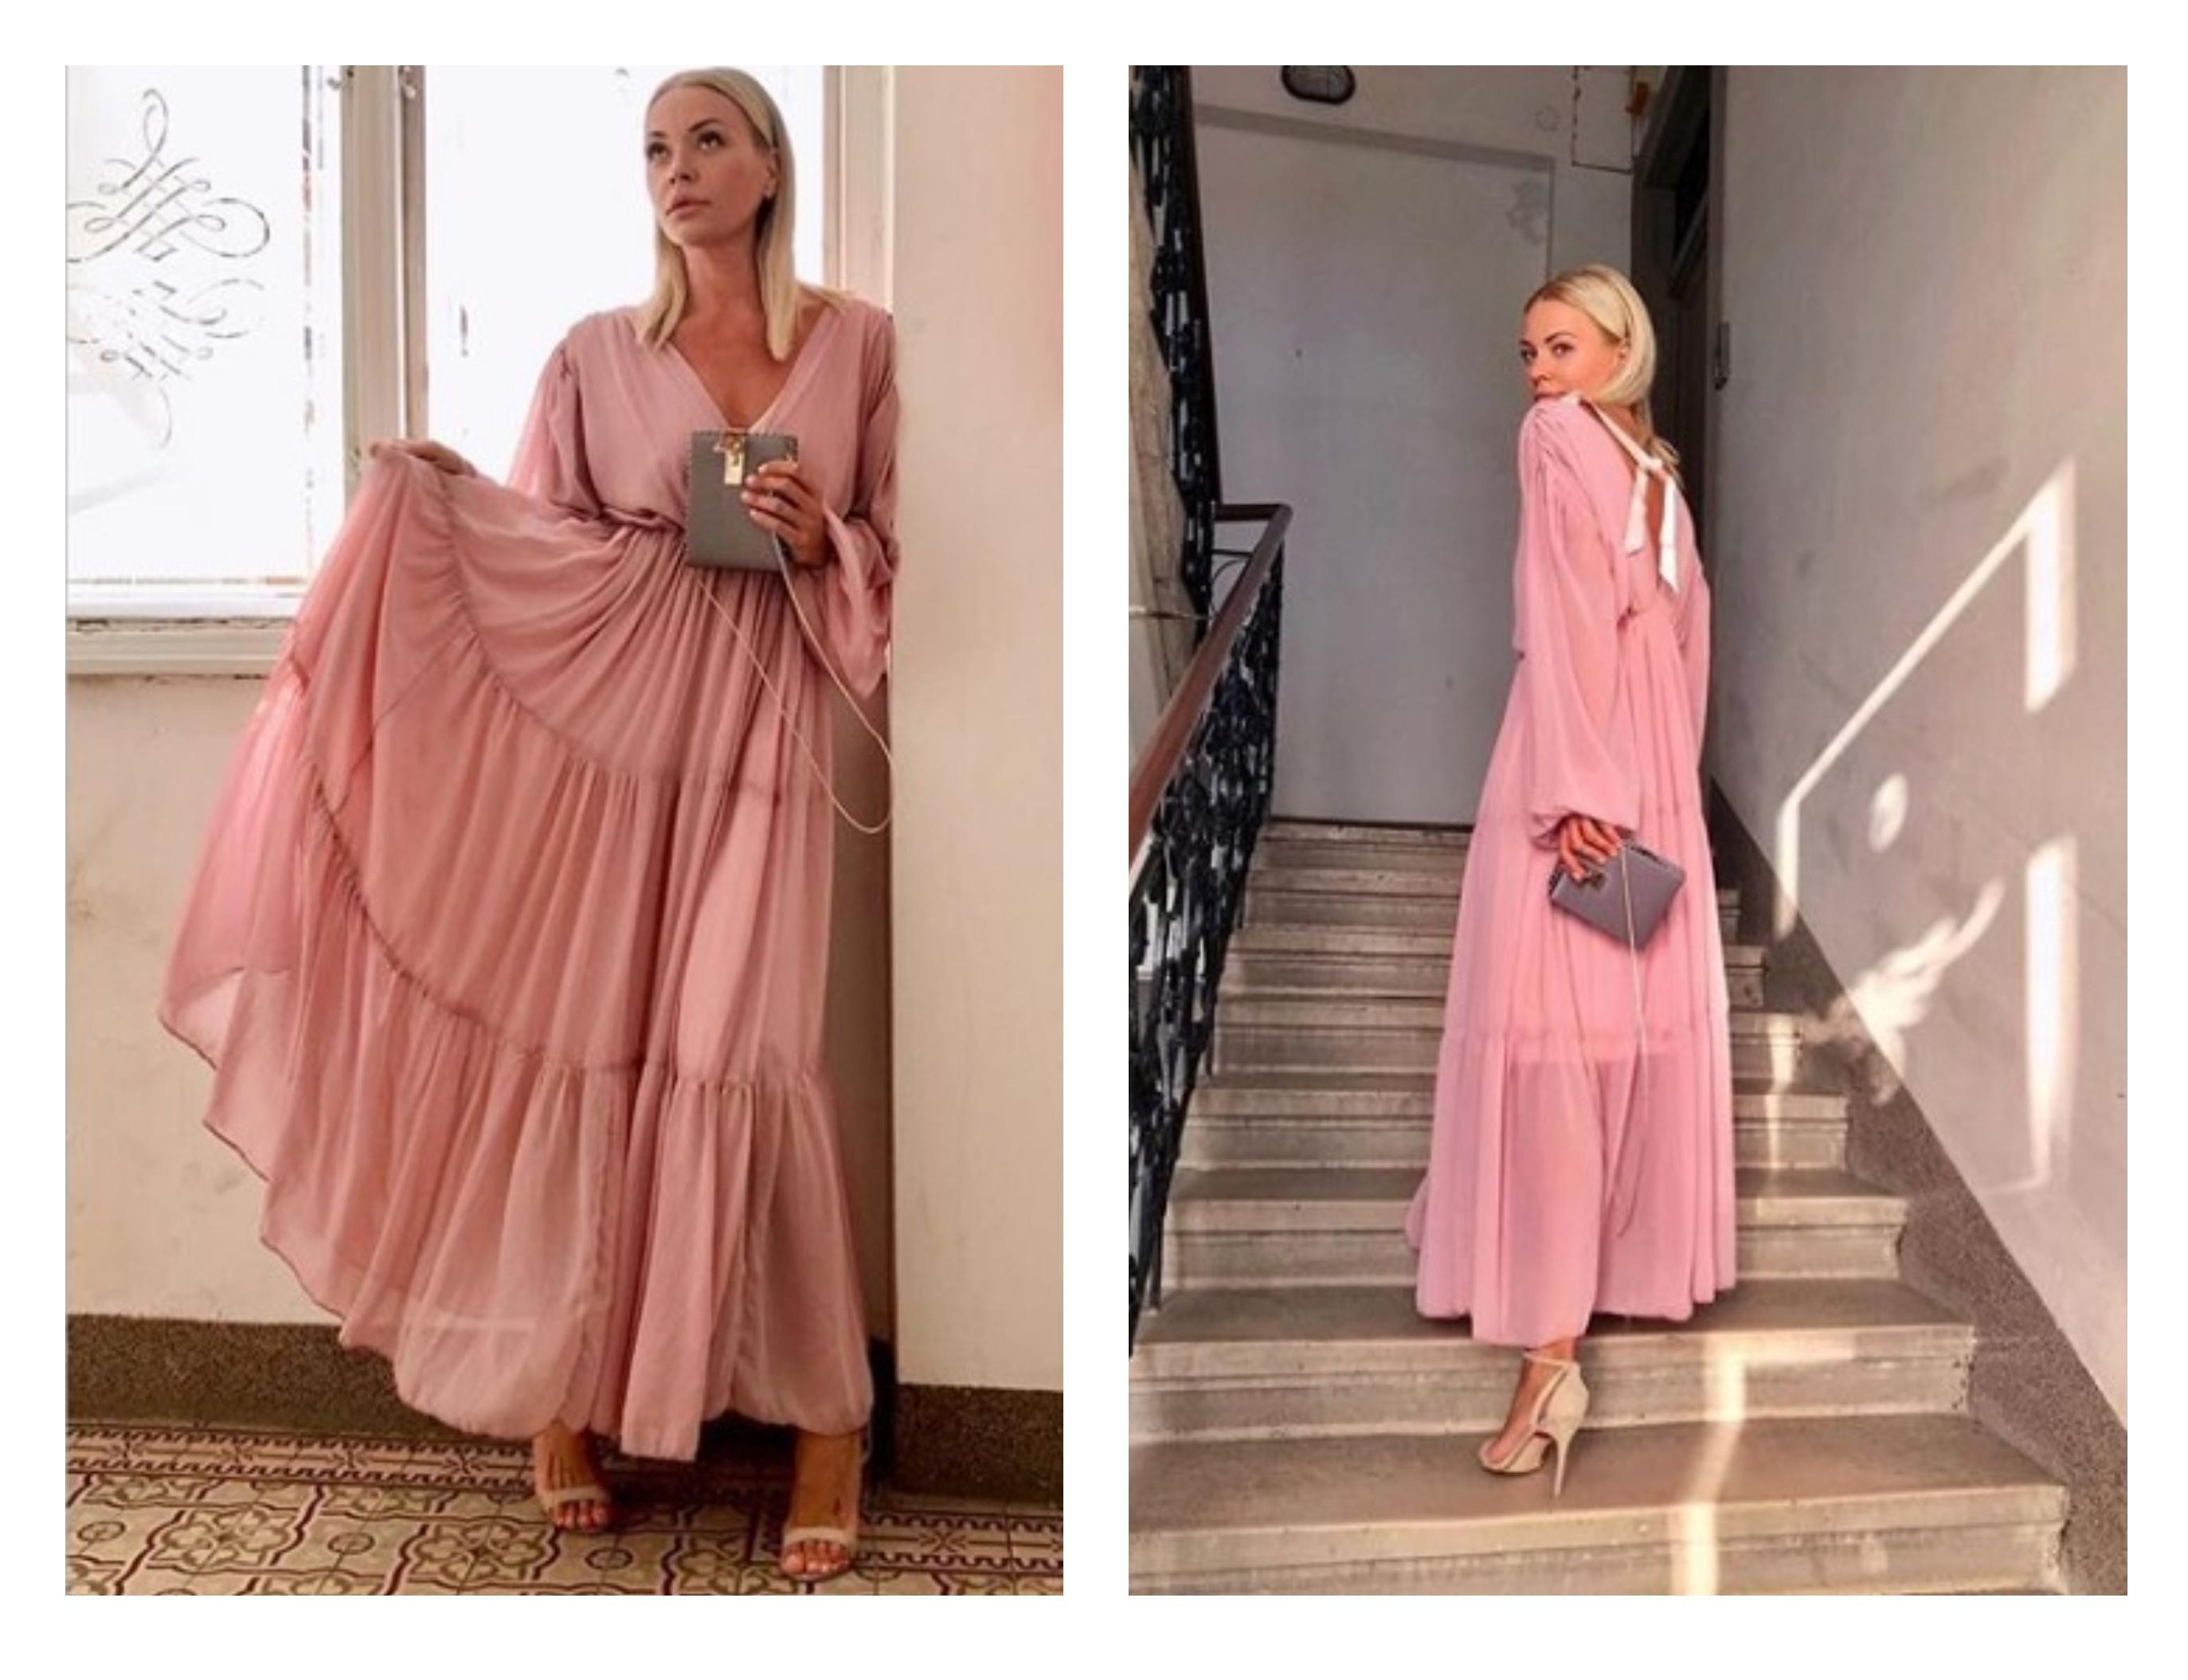 Ovu raskošnu haljinu koju želimo u ormaru potpisuje domaća dizajnerica - nećete vjerovati koja!